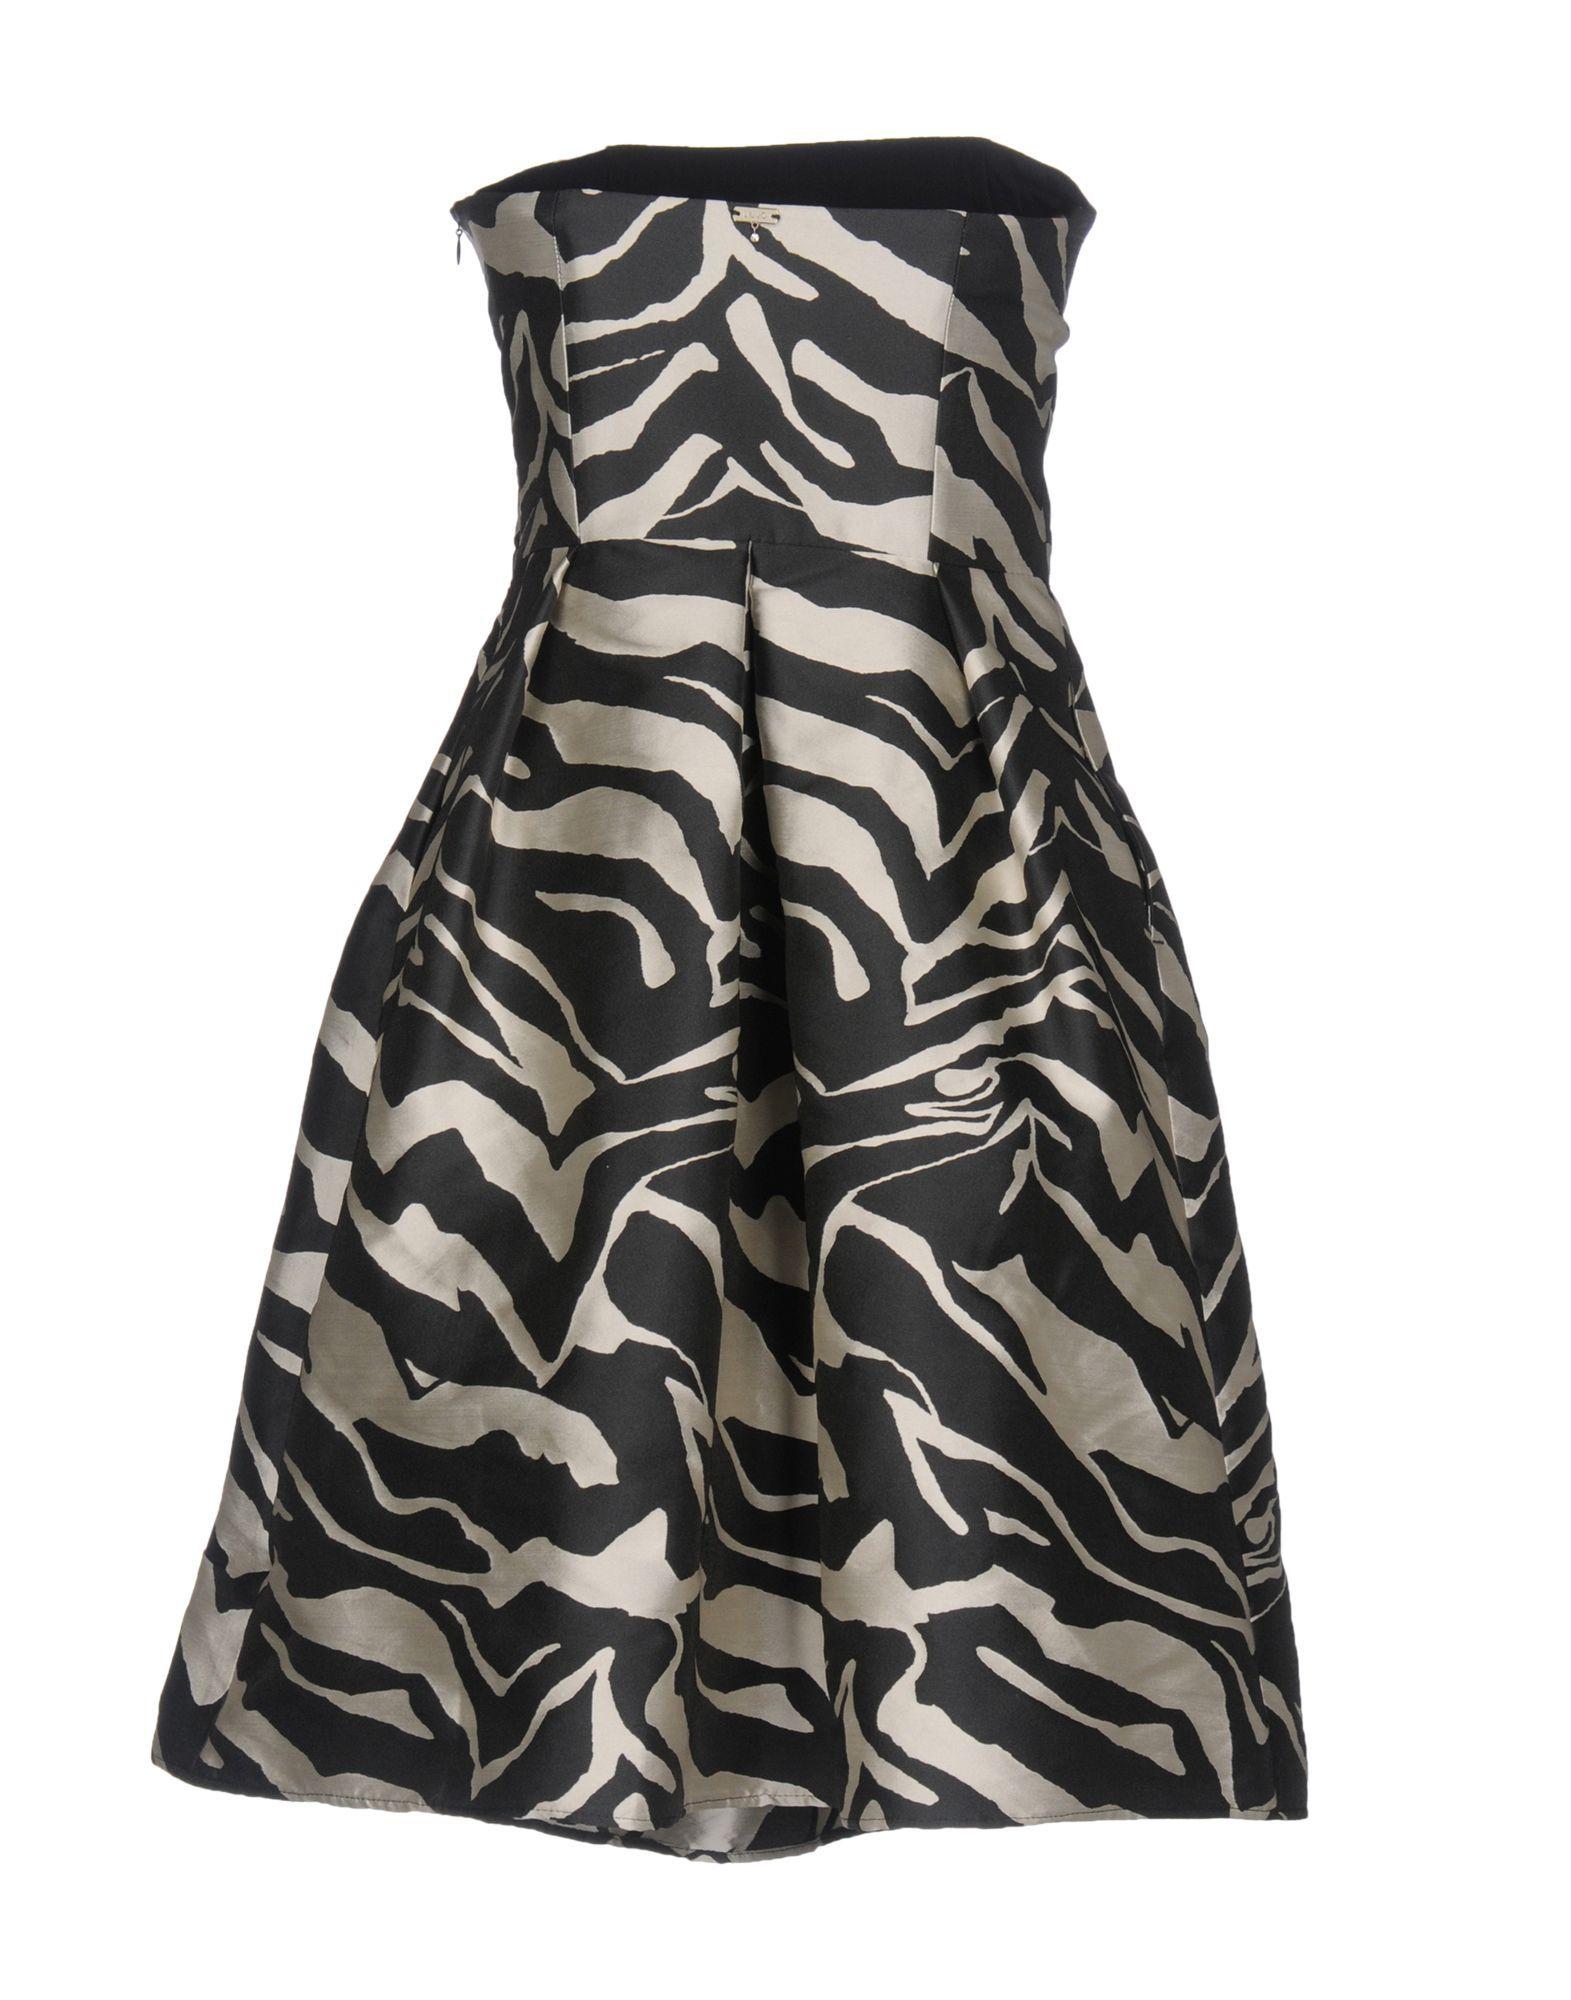 Liu Jo Black Print Dress